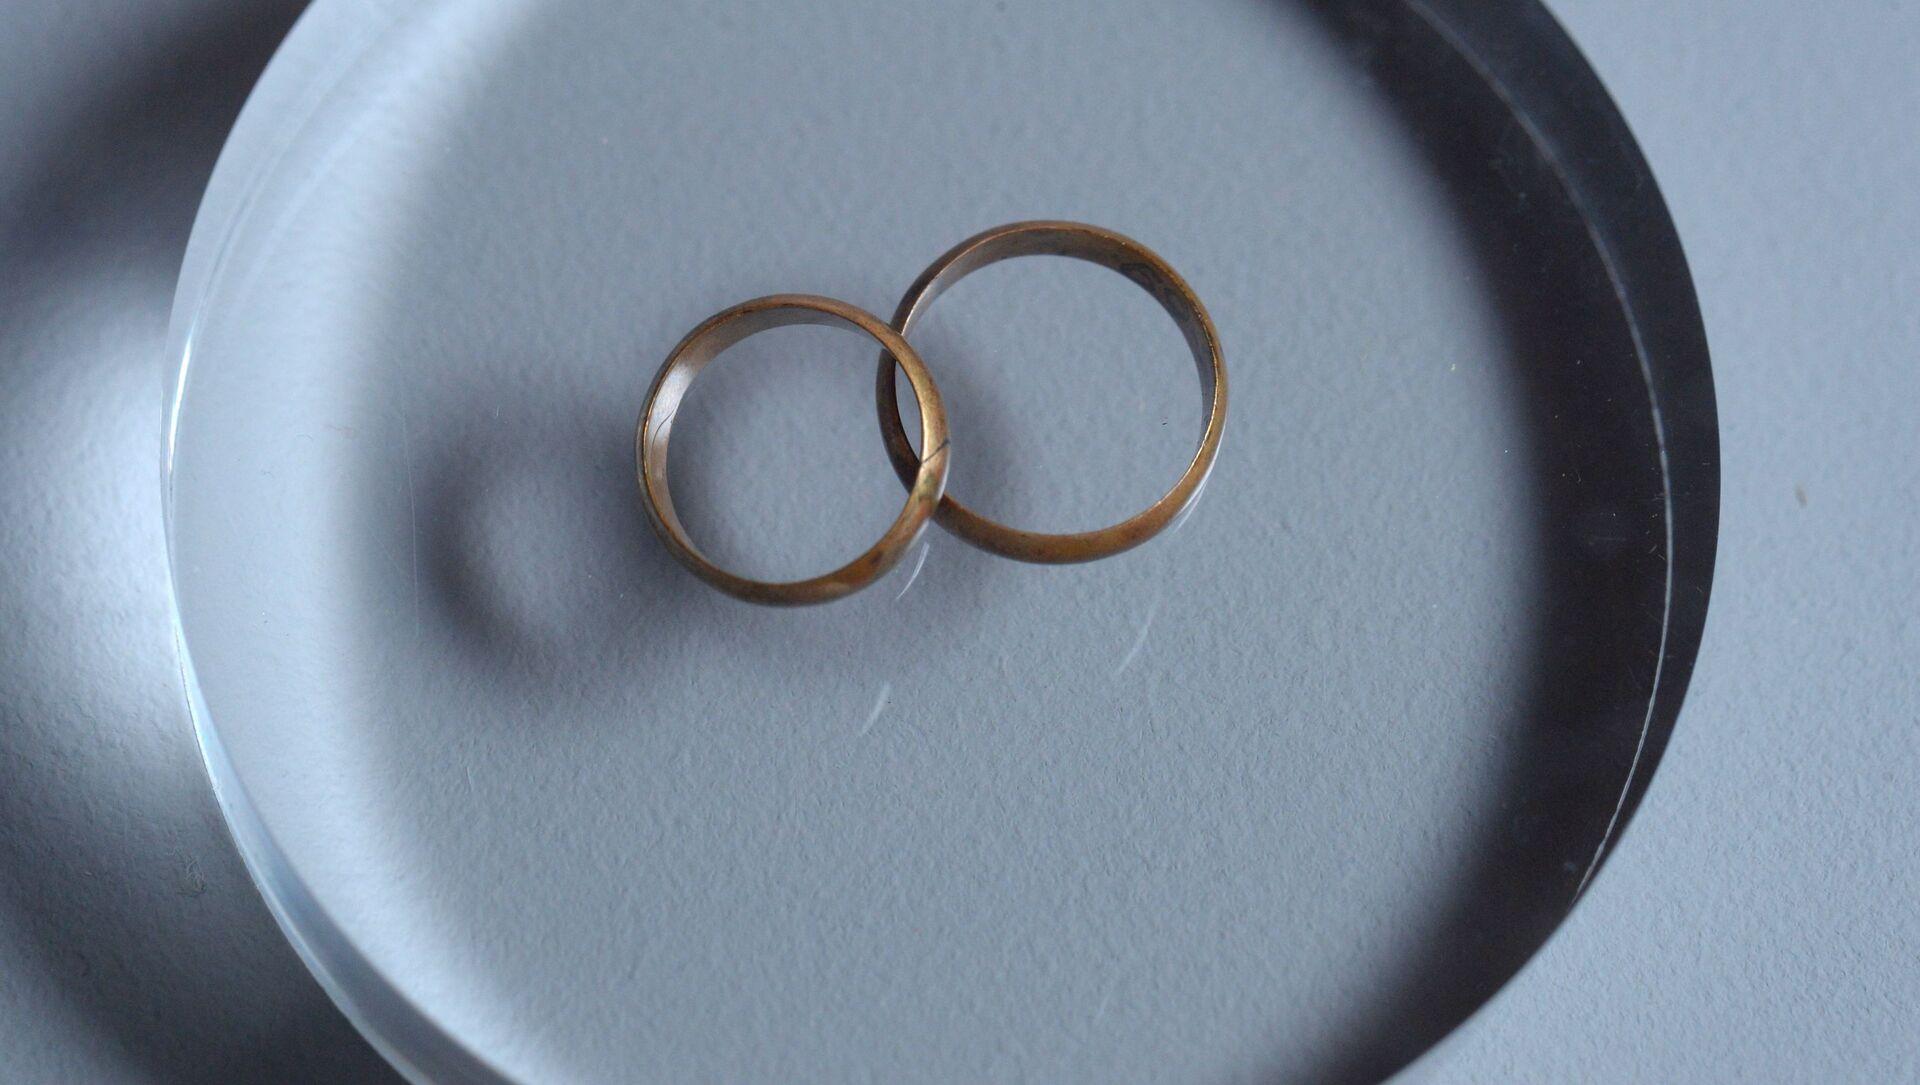 南アフリカ 一妻多夫制を認める法案の審議を開始 - Sputnik 日本, 1920, 04.06.2021